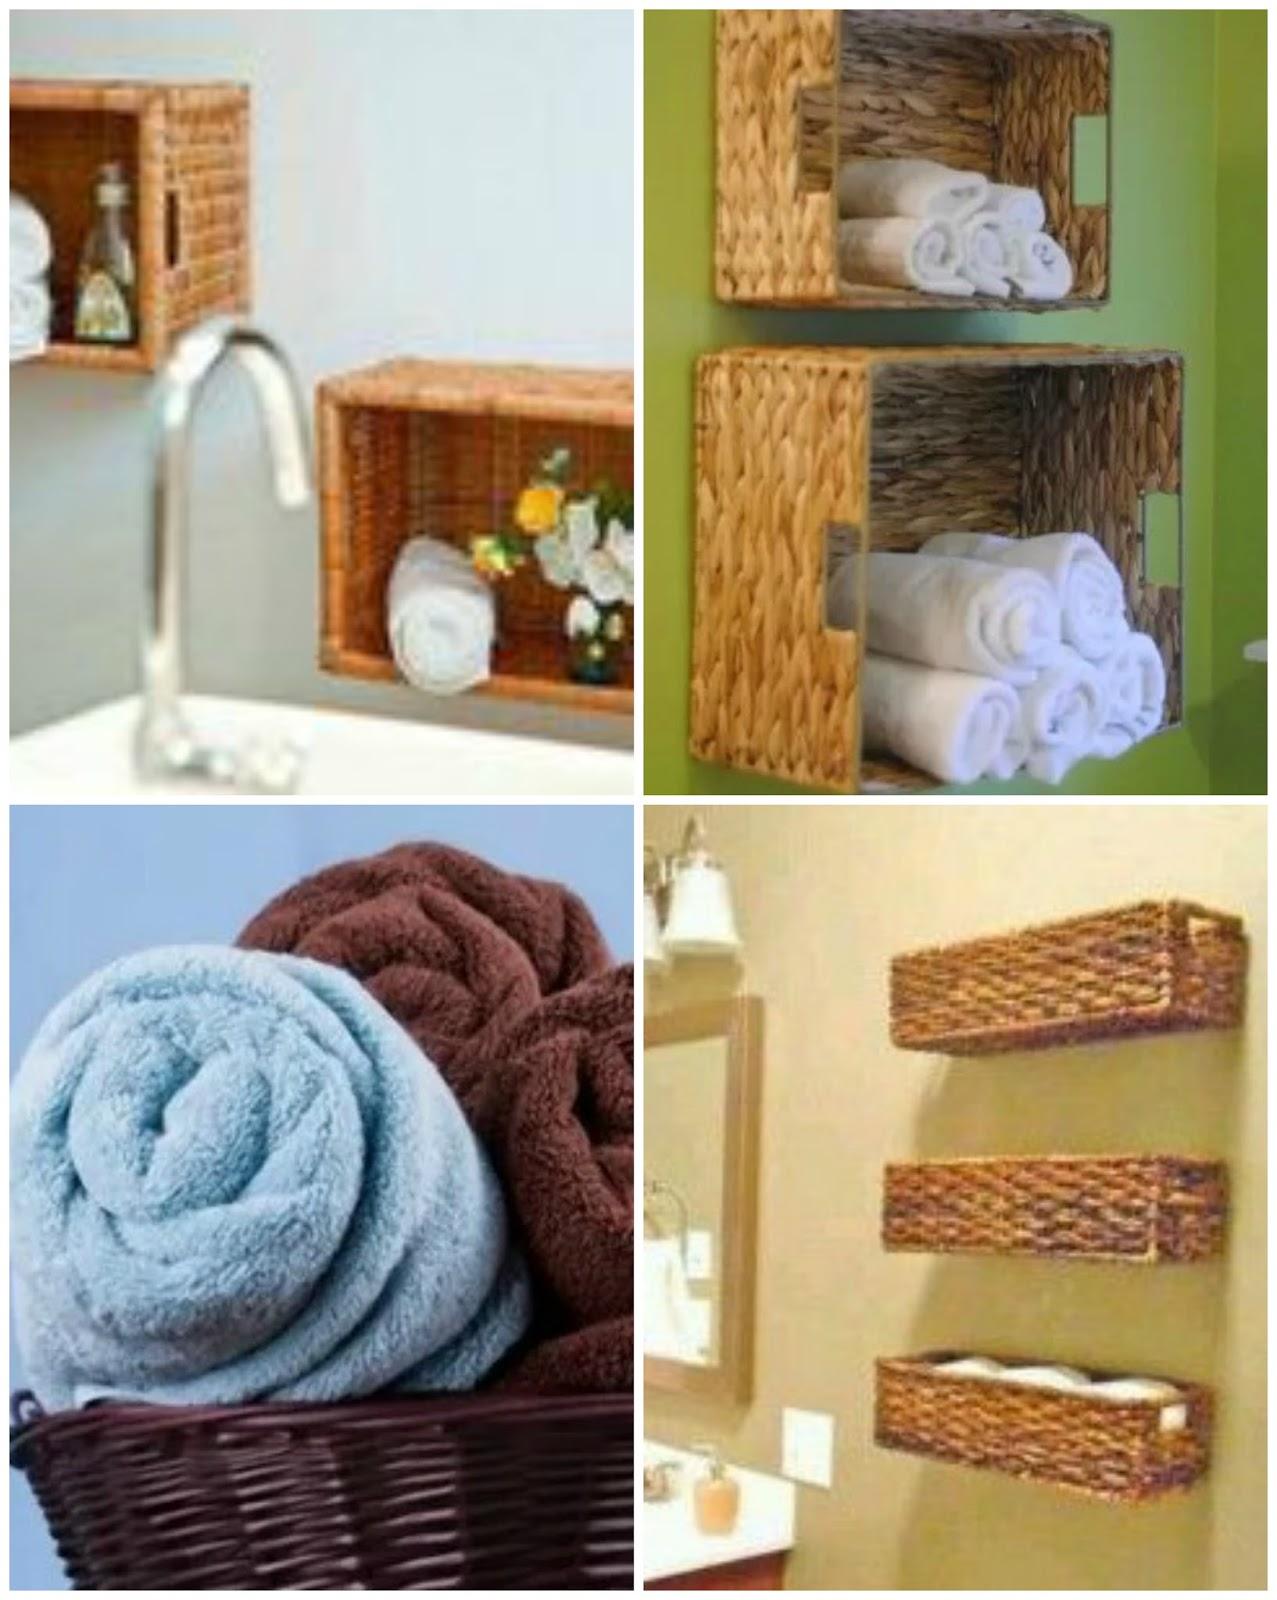 Organizar o banheiro 50 dicas para você organizar seu banheiro  #6B4026 1277 1600